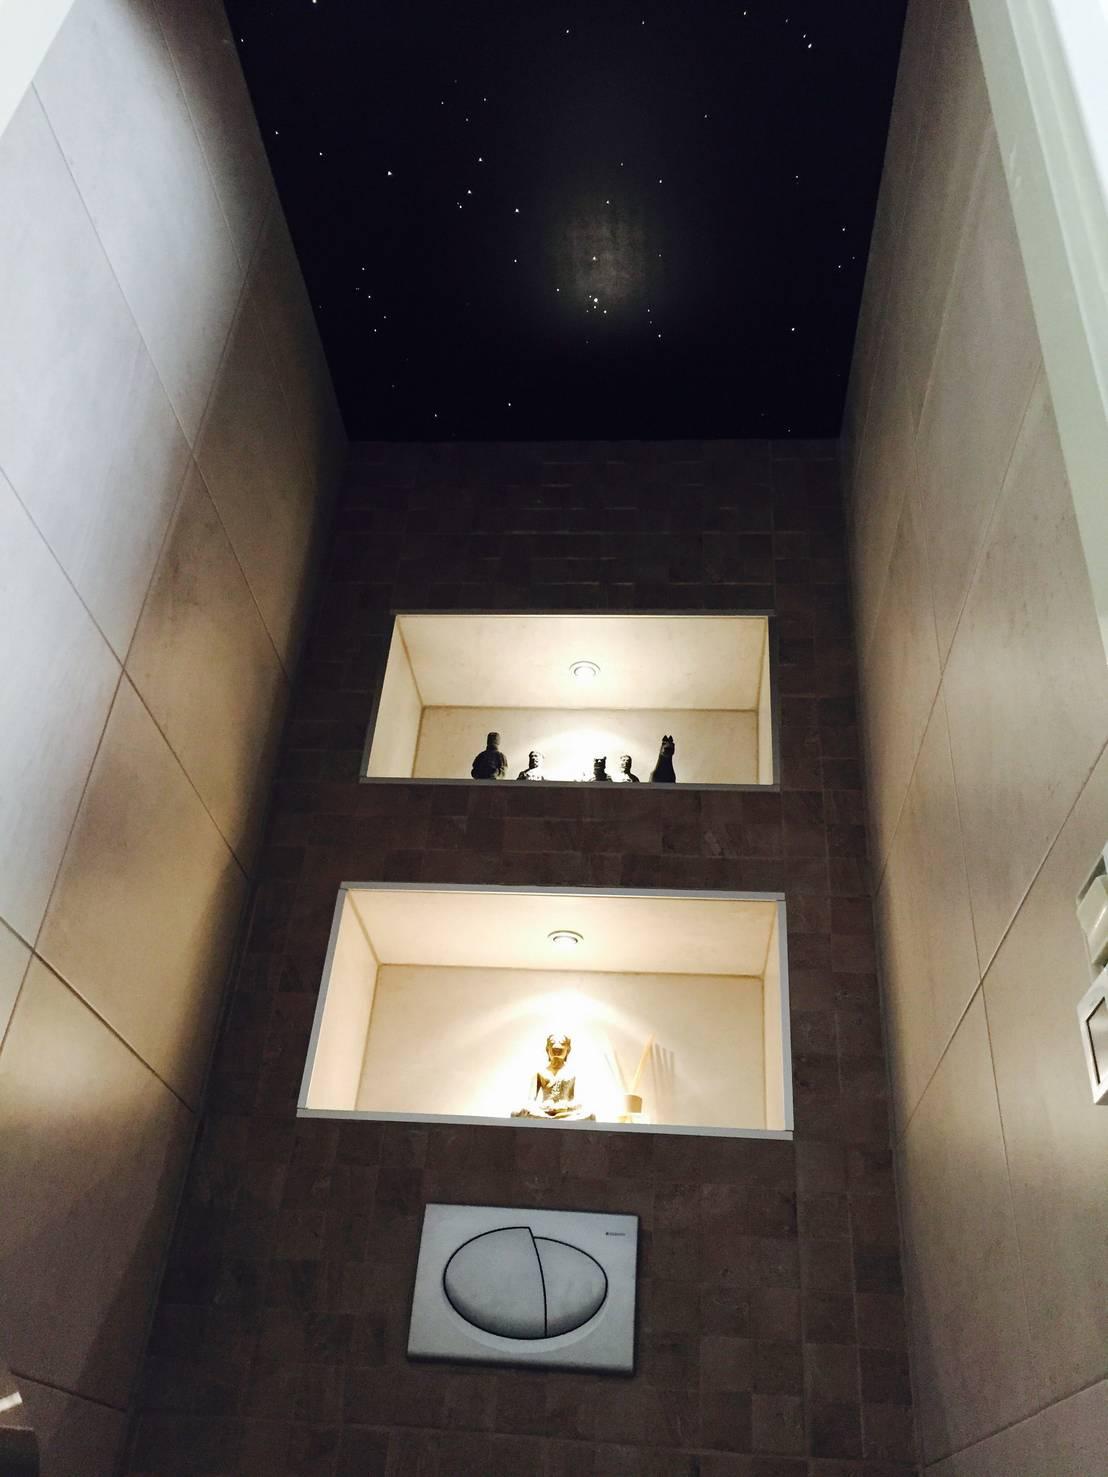 Wc Toiletten sterrenhemel plafond verlichting met glasvezel LED von ...